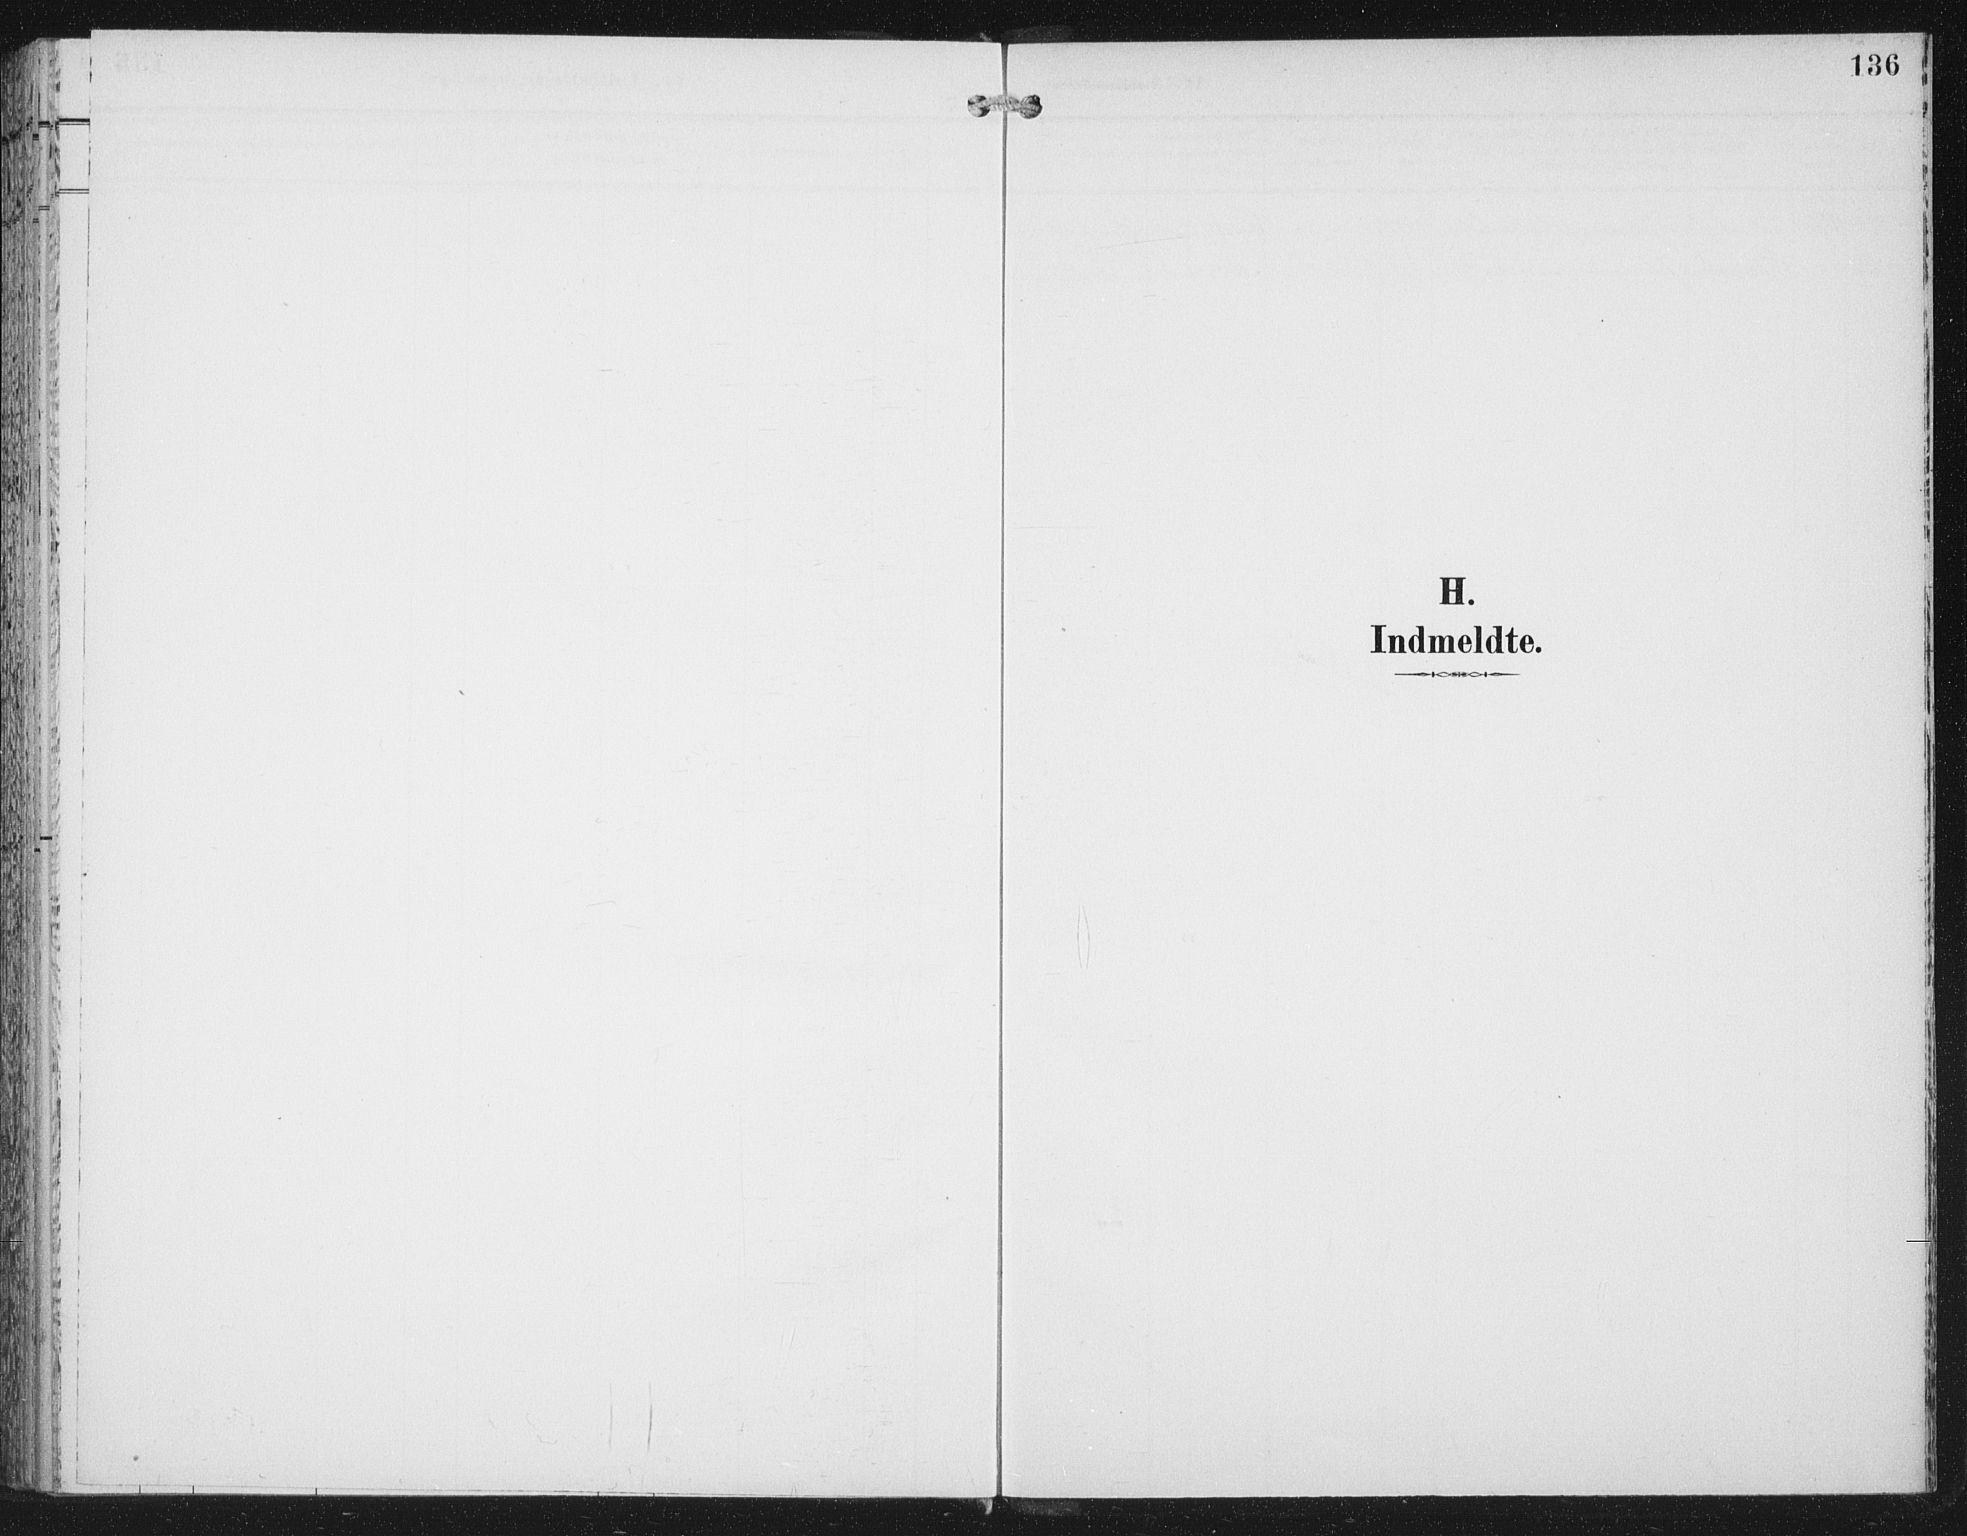 SAT, Ministerialprotokoller, klokkerbøker og fødselsregistre - Nord-Trøndelag, 702/L0024: Ministerialbok nr. 702A02, 1898-1914, s. 136